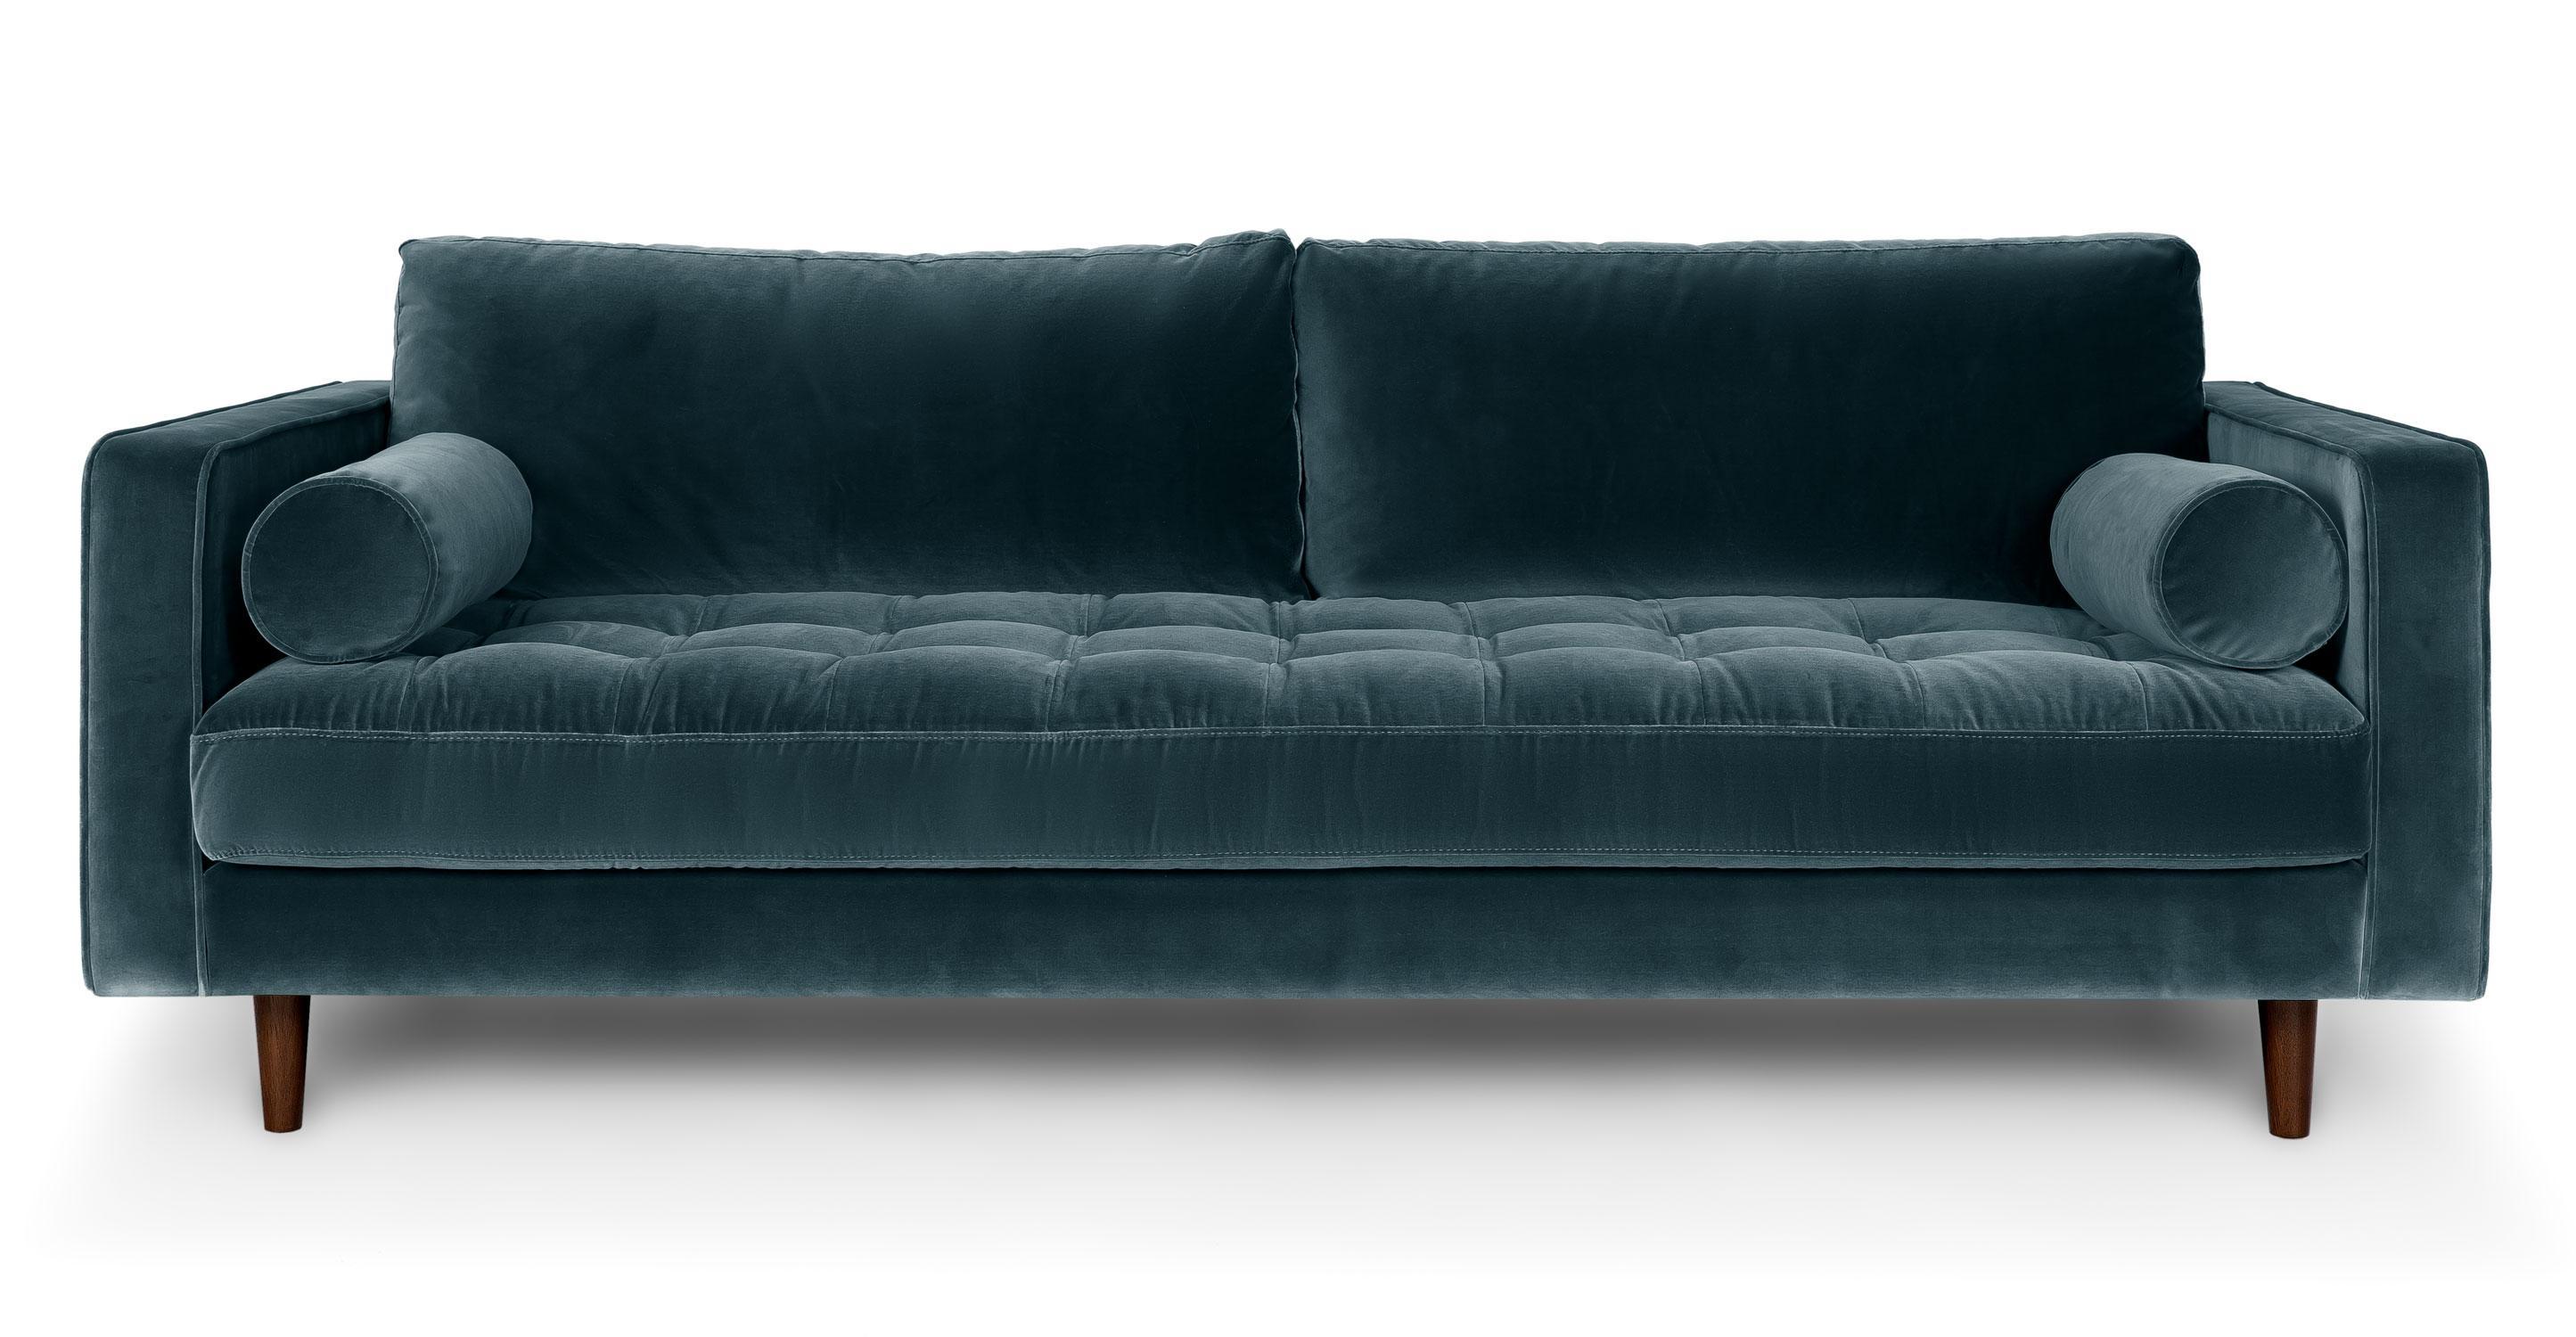 Sofas: Mid Century Sofas | Retro Sleeper Sofa | Cheap Retro Sofa Pertaining To Cheap Retro Sofas (Image 16 of 20)